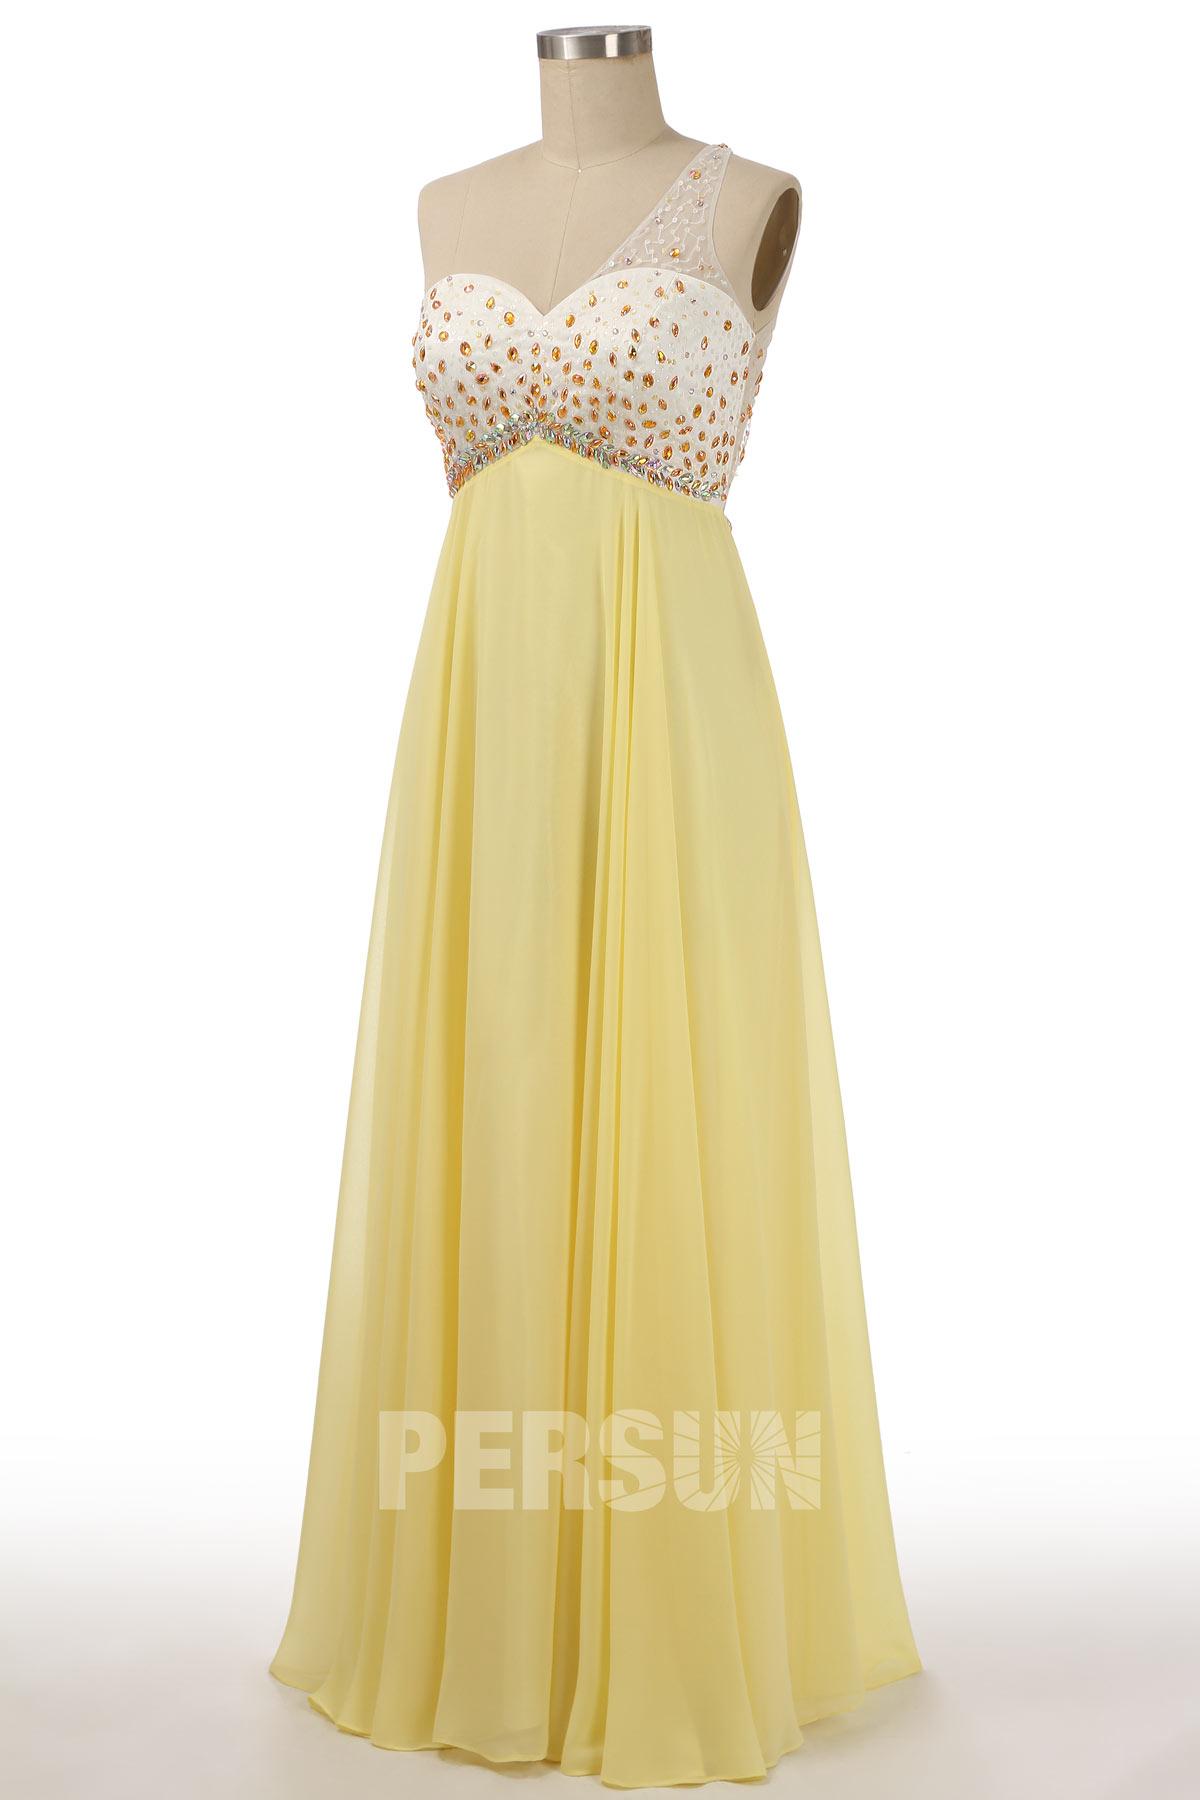 robe de soirée jaune astmétrique embelli de bijoux